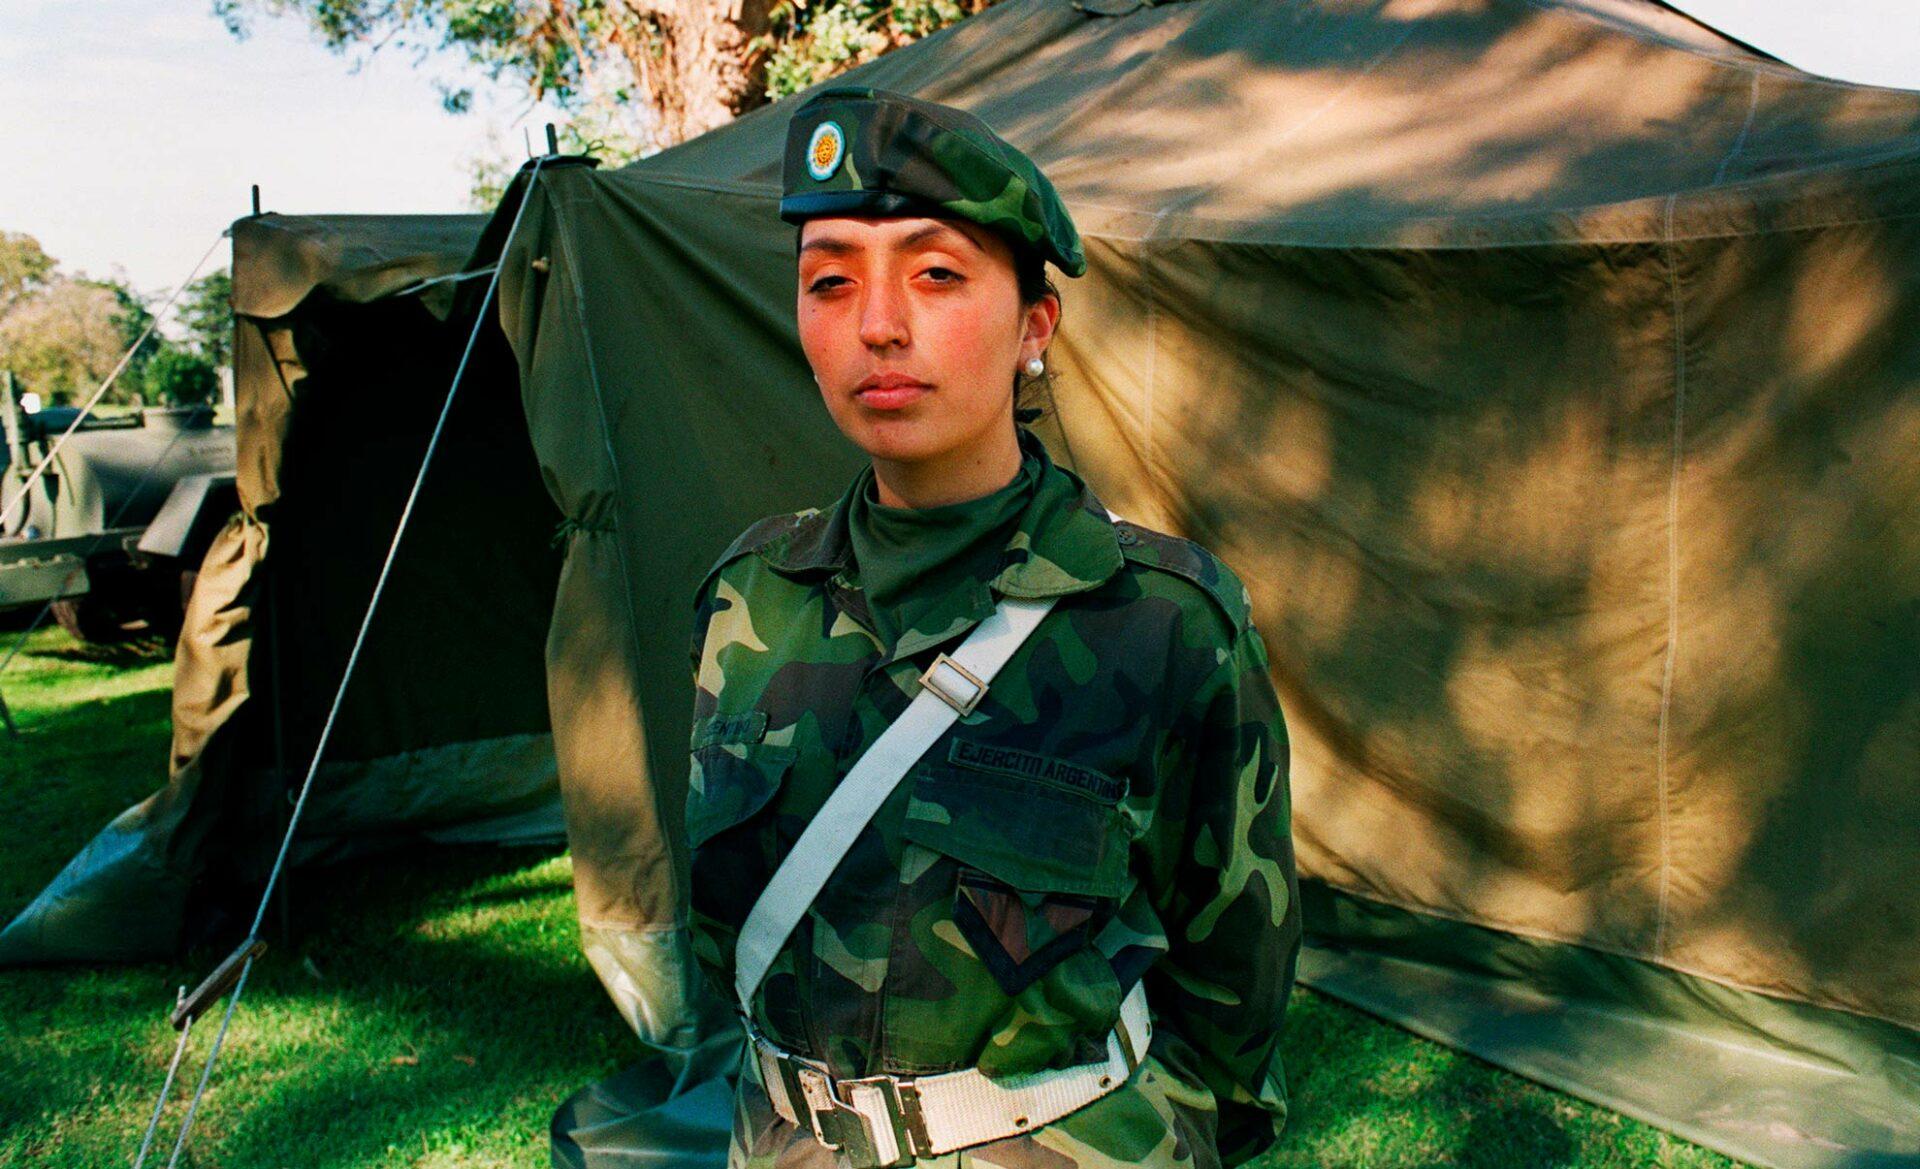 Argentina: Mujeres militares, la batalla por la igualdad • Lado B